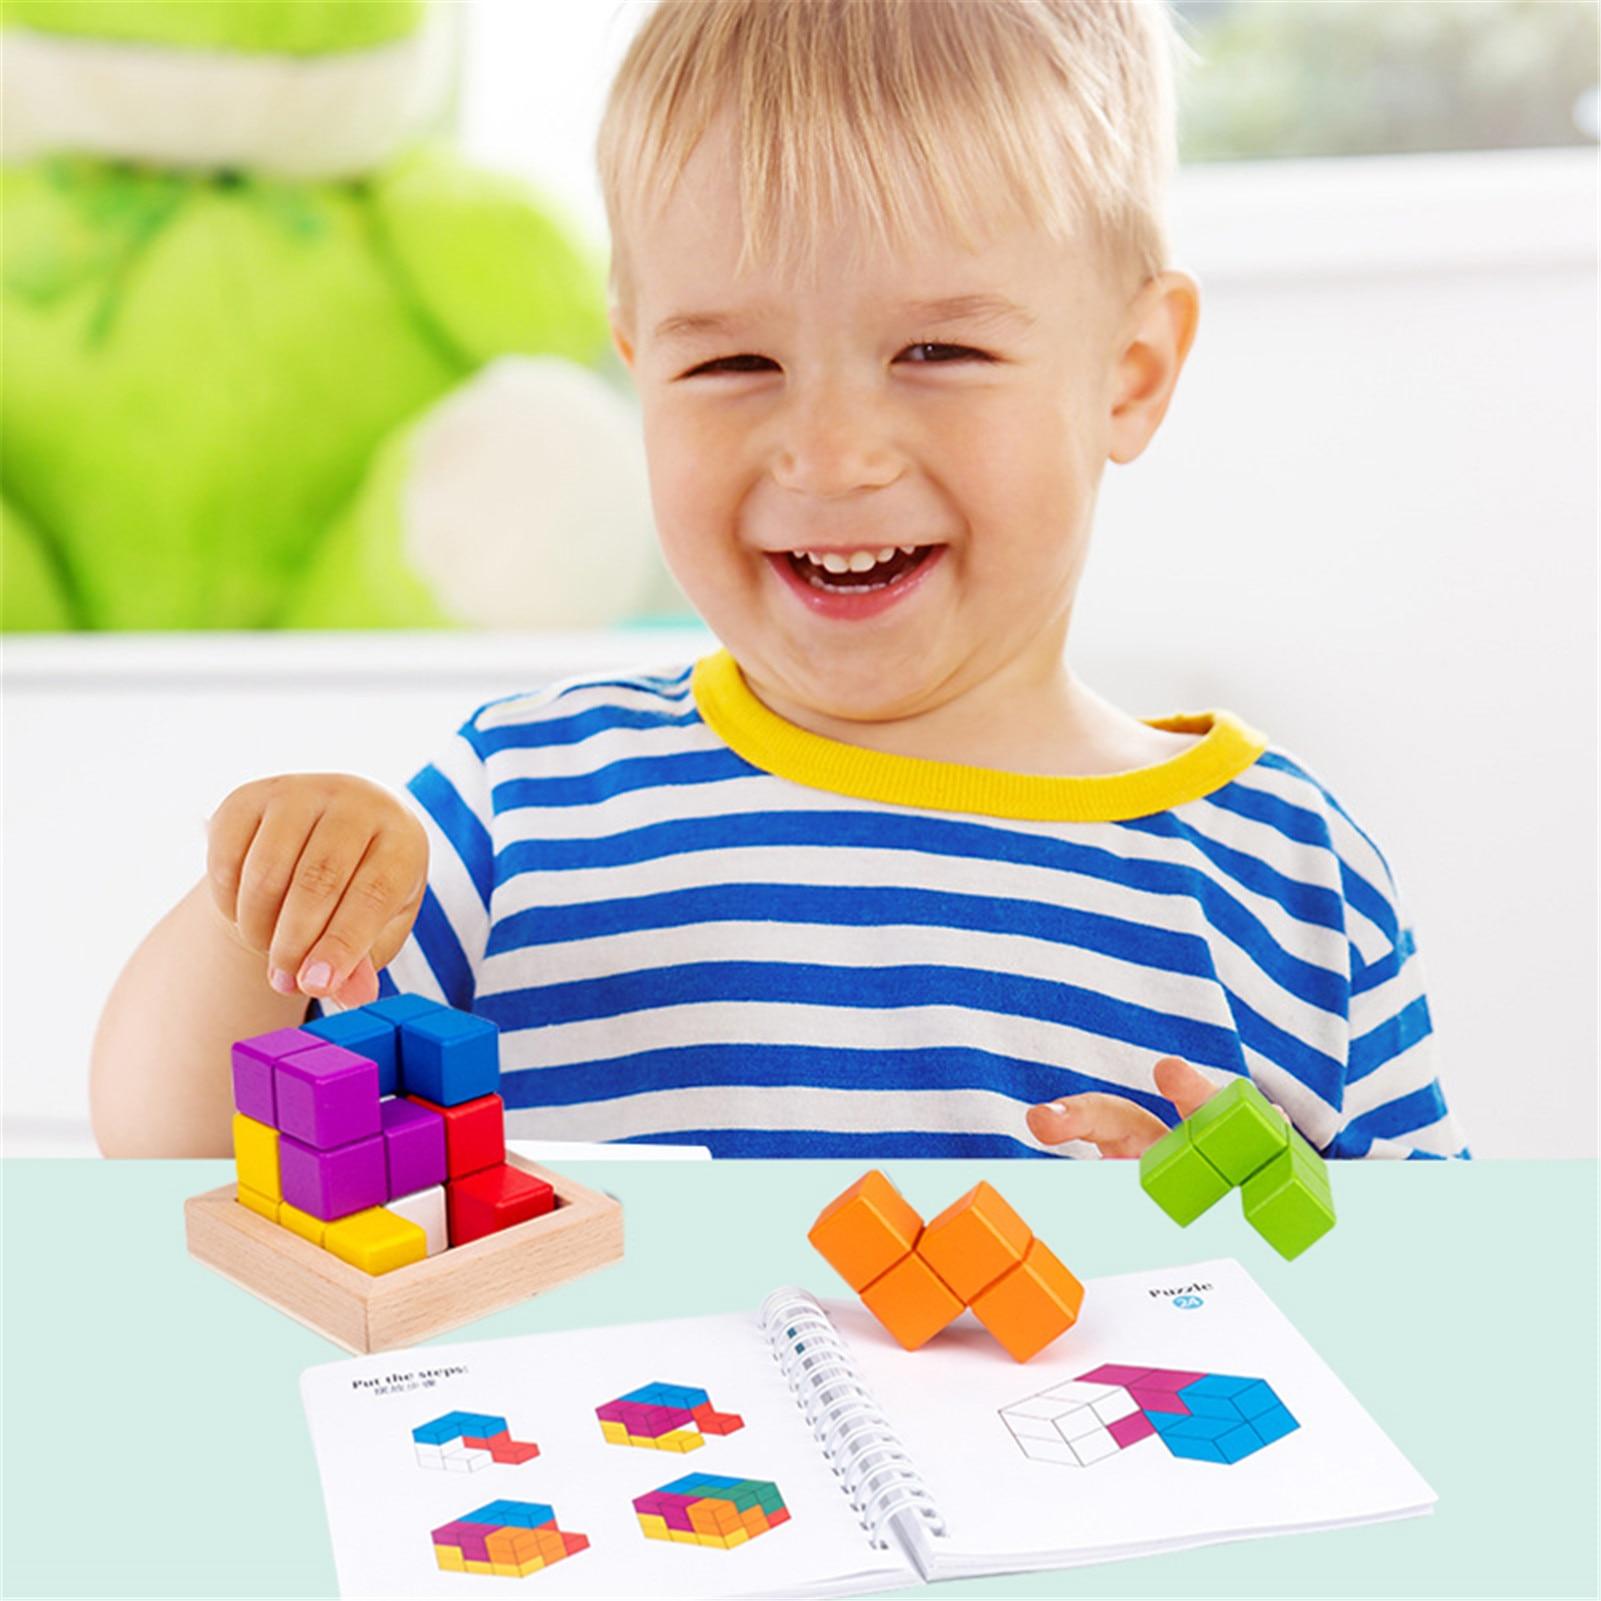 soma lógica espacial suave treinamento cedo brinquedos